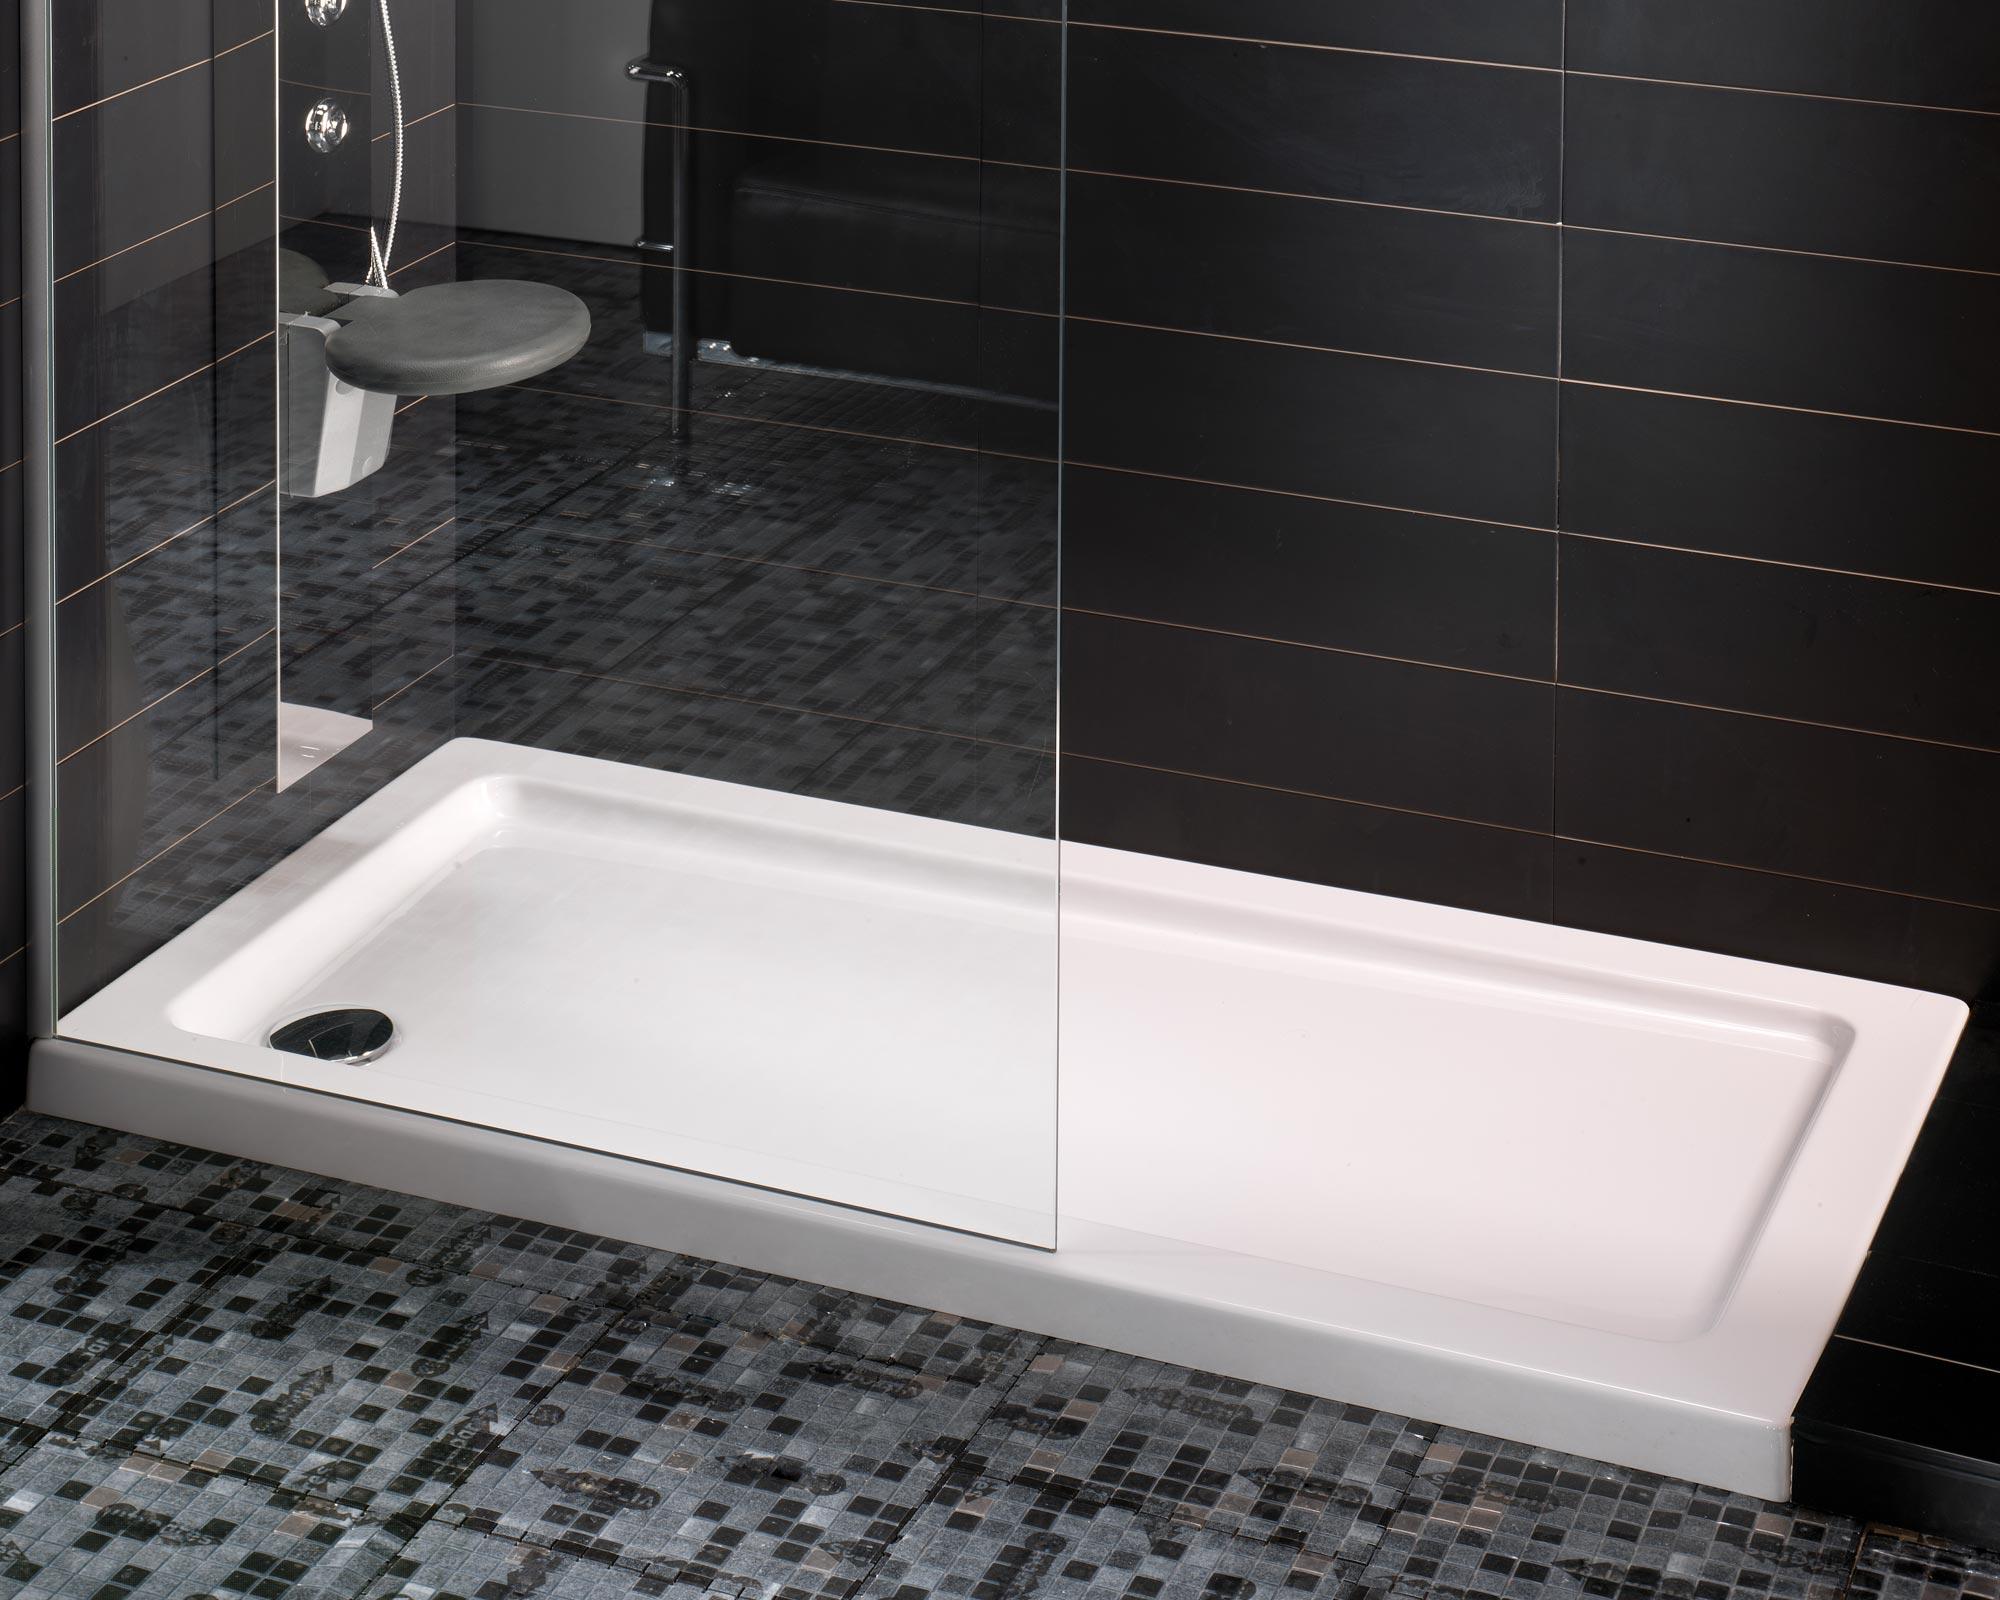 Cámbiate al plato de ducha para ganar tiempo y ahorrar energía